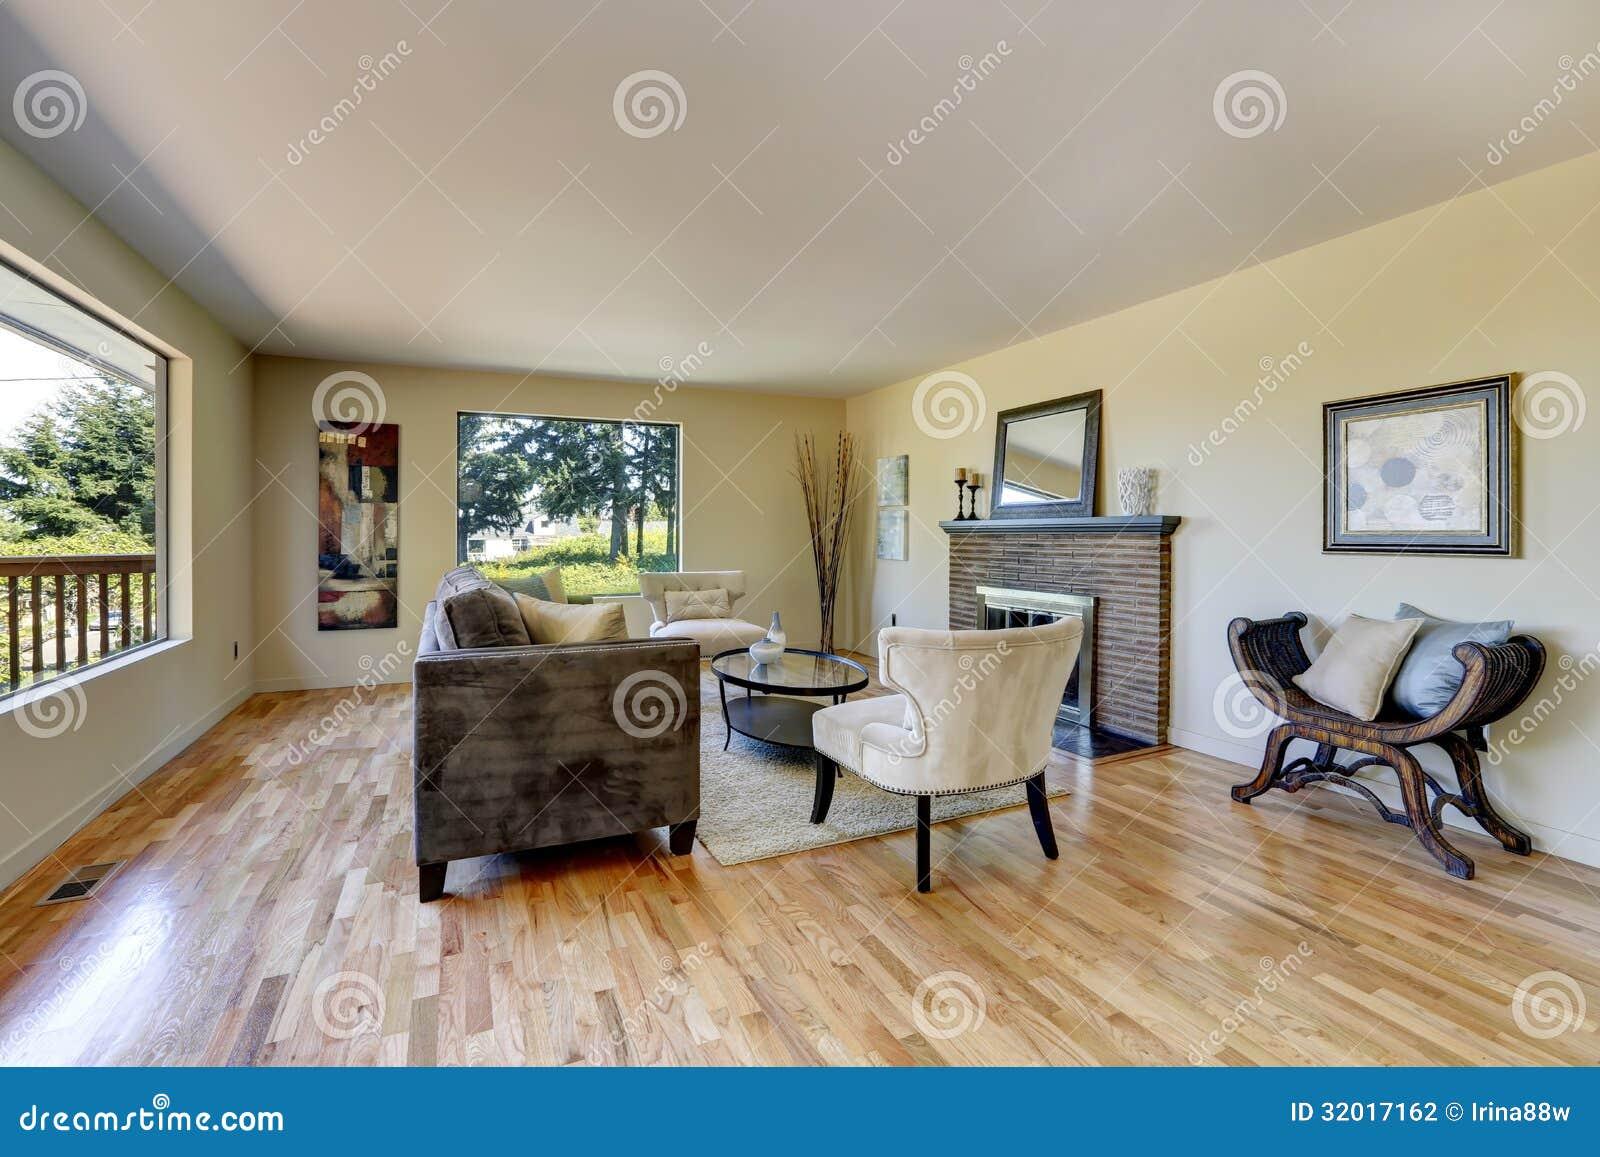 Salon Avec Le Plancher En Bois Dur Et Les Meubles Modernes Photo